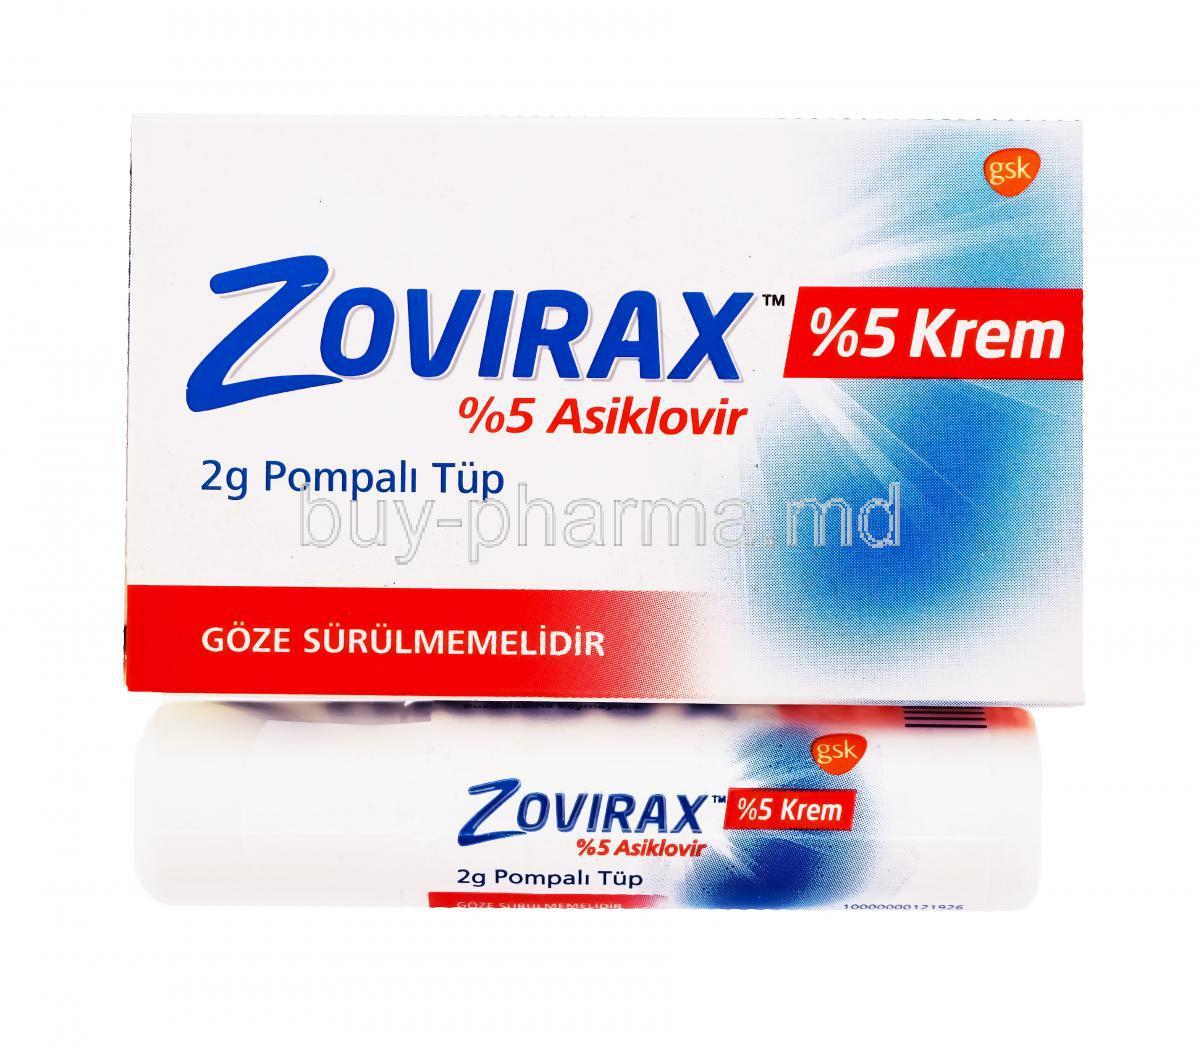 購買阿昔洛韋 眼軟膏 ( Zovirax ( Aciclovir (acyclovir)) ) Online